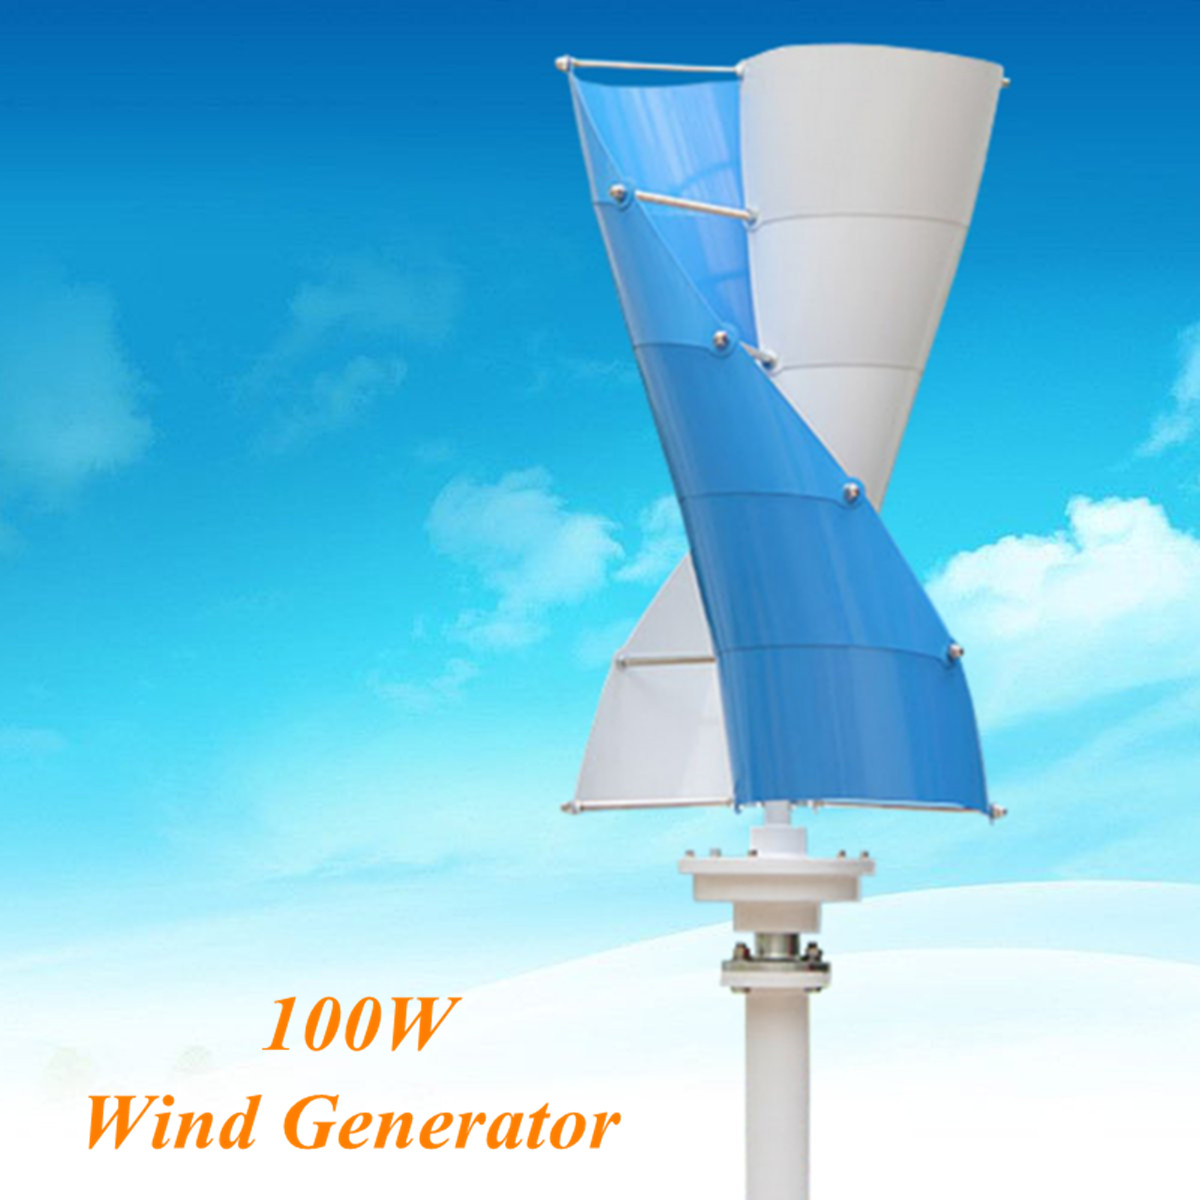 Kit Vertical de contrôleur de Charge de générateur d'énergie éolienne en spirale DC 12 V 100 W Mini équipement d'énergie électrique de moulin à vent